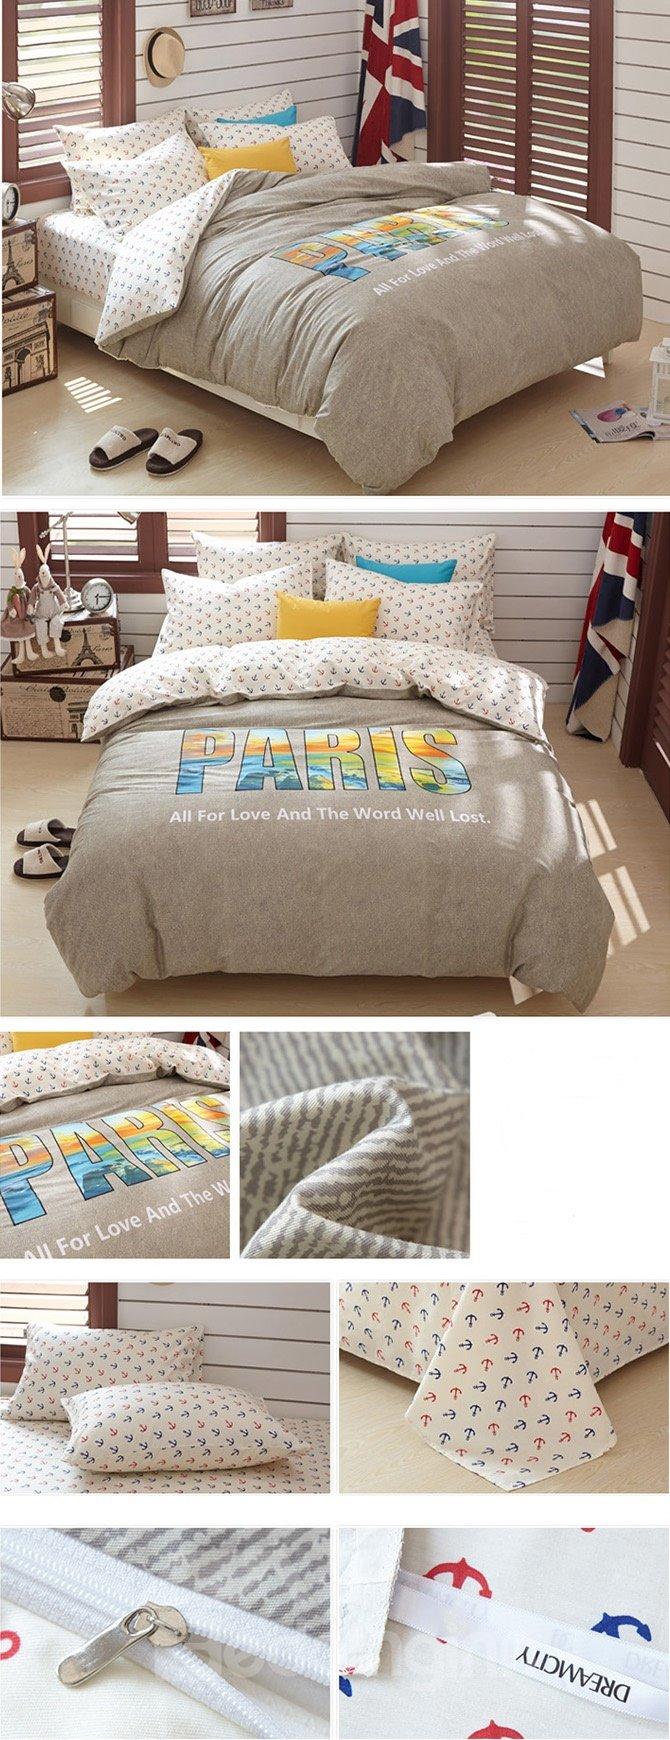 Simple Camel Paris Printing 4-Piece Duvet Cover Sets